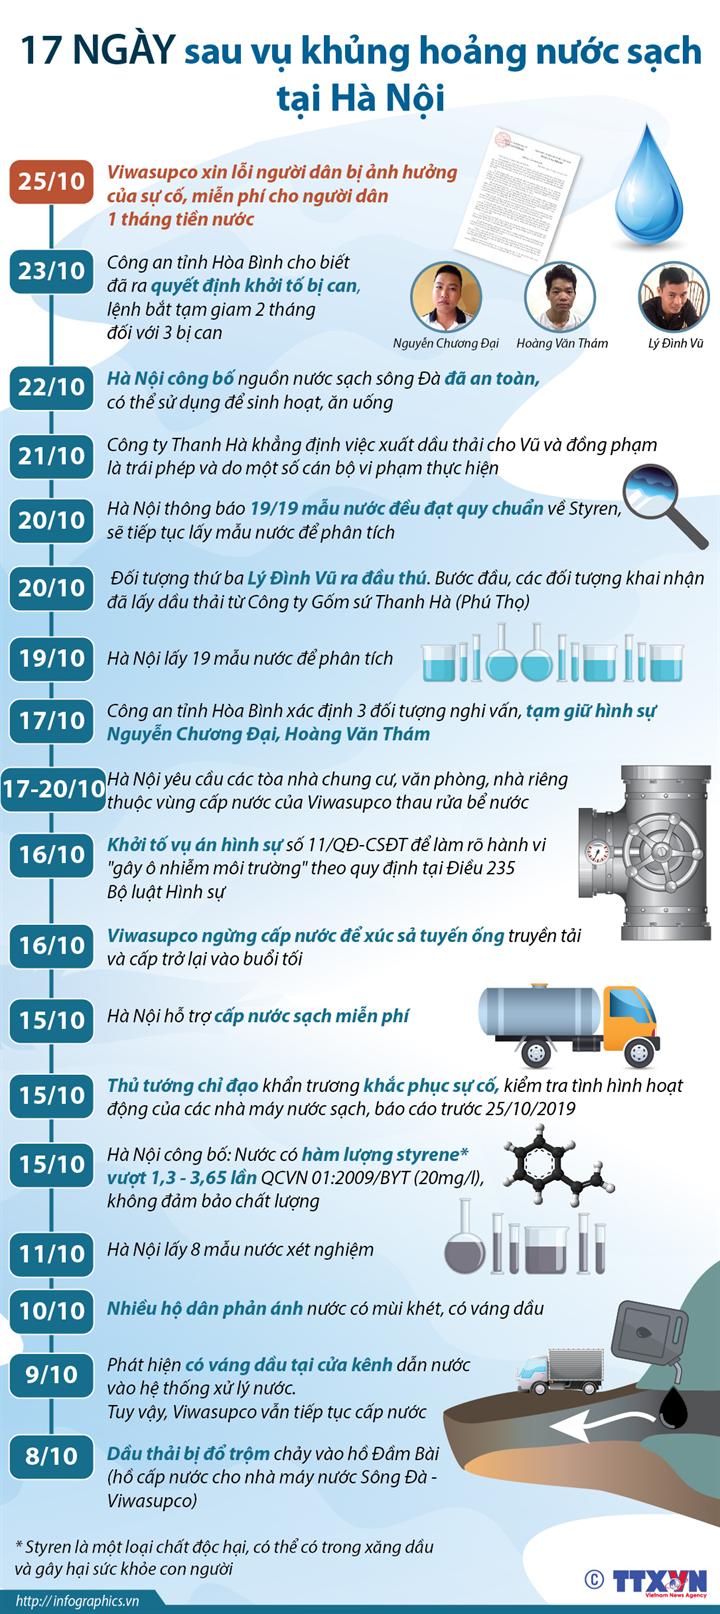 17 ngày sau vụ khủng hoảng nước sạch tại Hà Nội